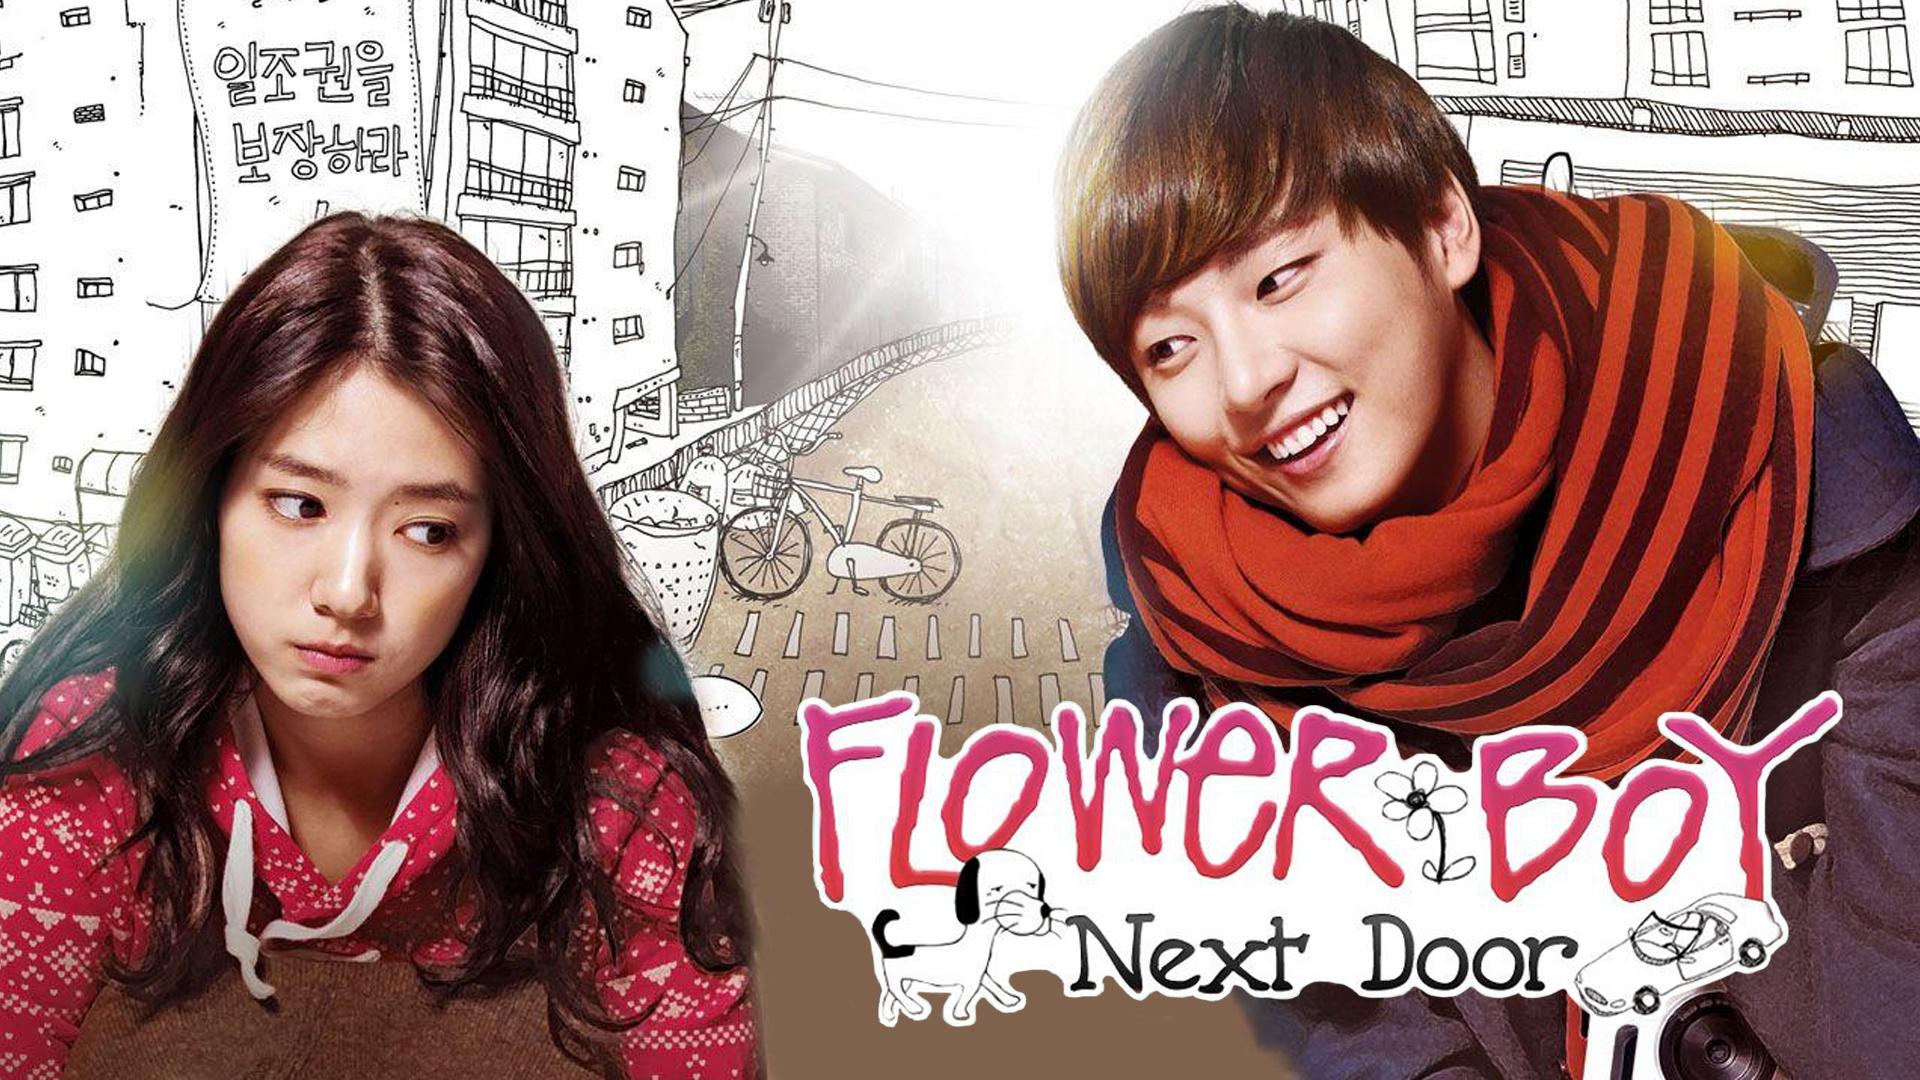 Flower Boy Next Door